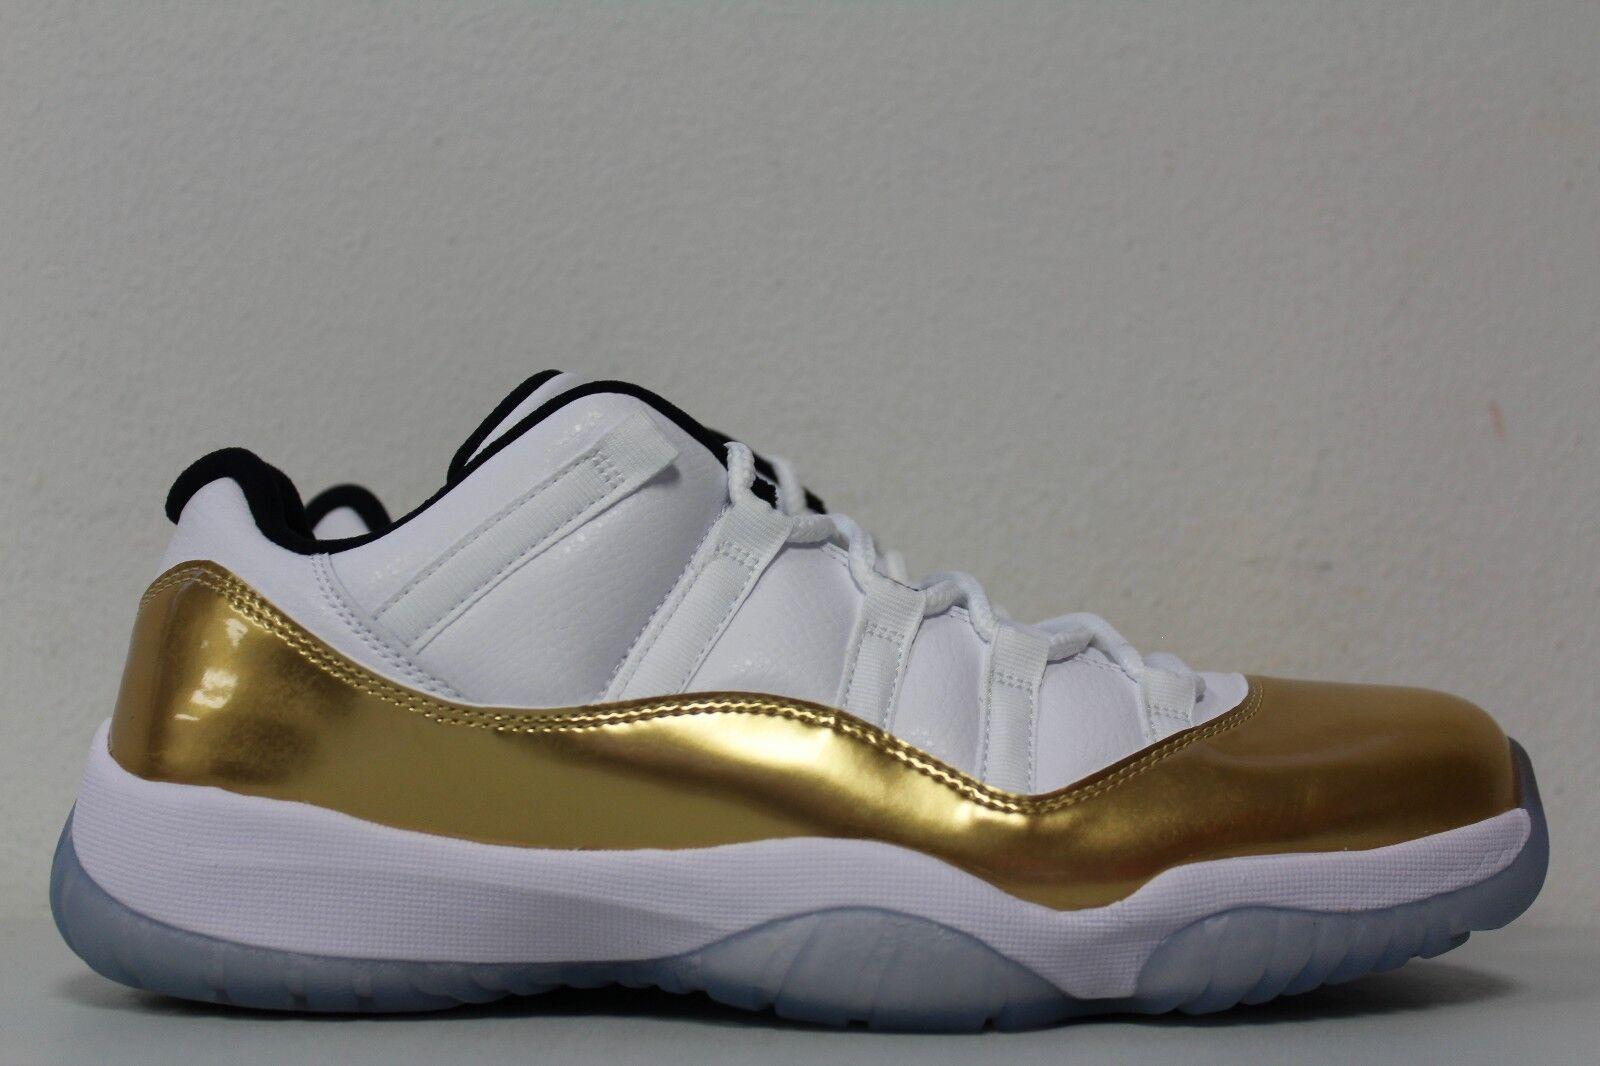 da1ad822d696 Nike Mens Mens Mens Air Jordan 11 Retro Low Sz 10.5 Closing Ceremony White  Gold 528895